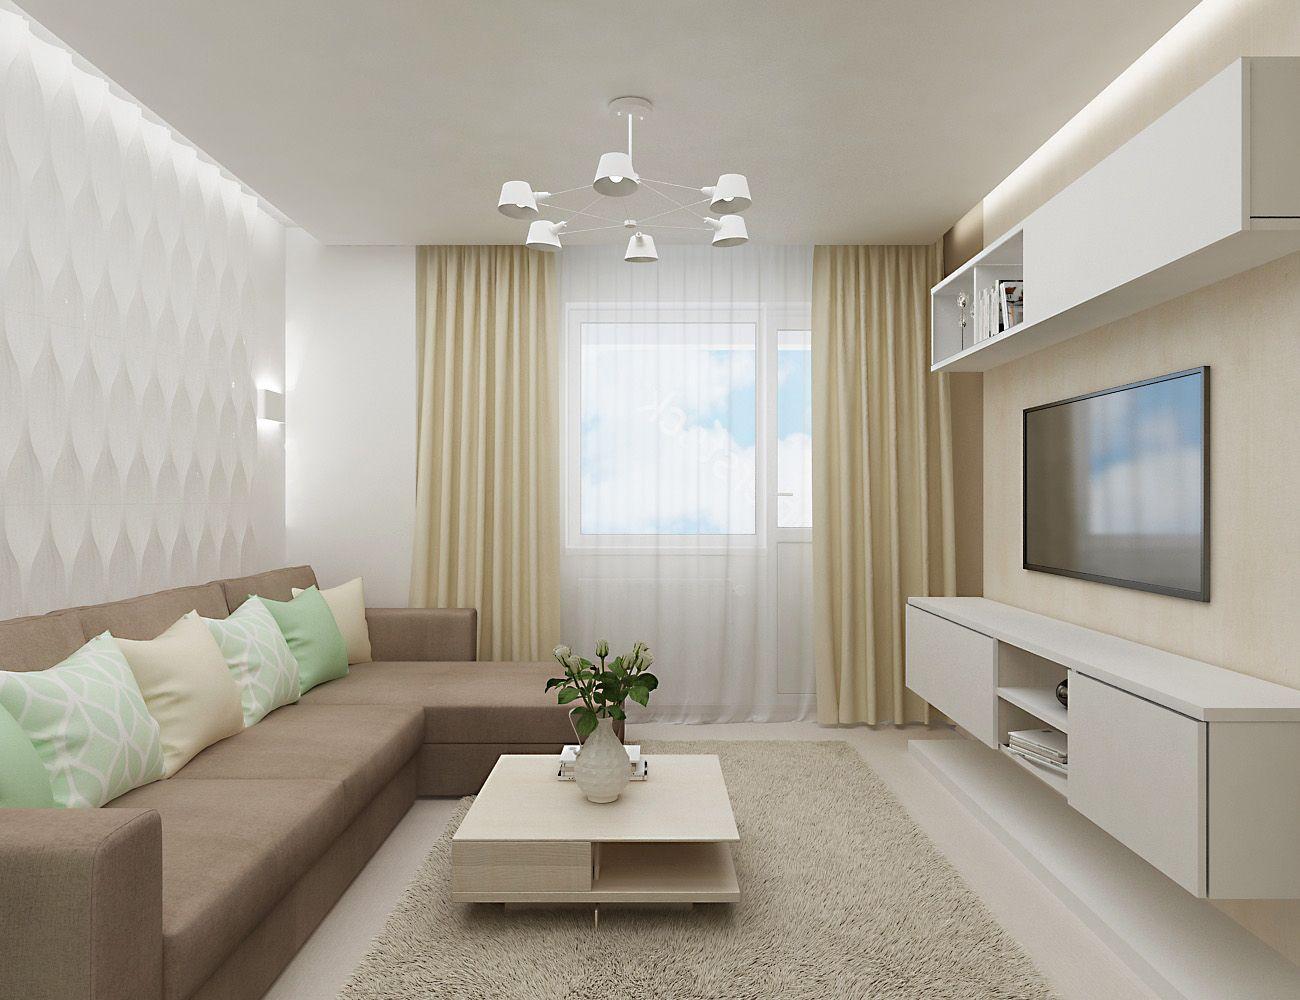 1037 - Идеи интерьера трехкомнатной квартиры